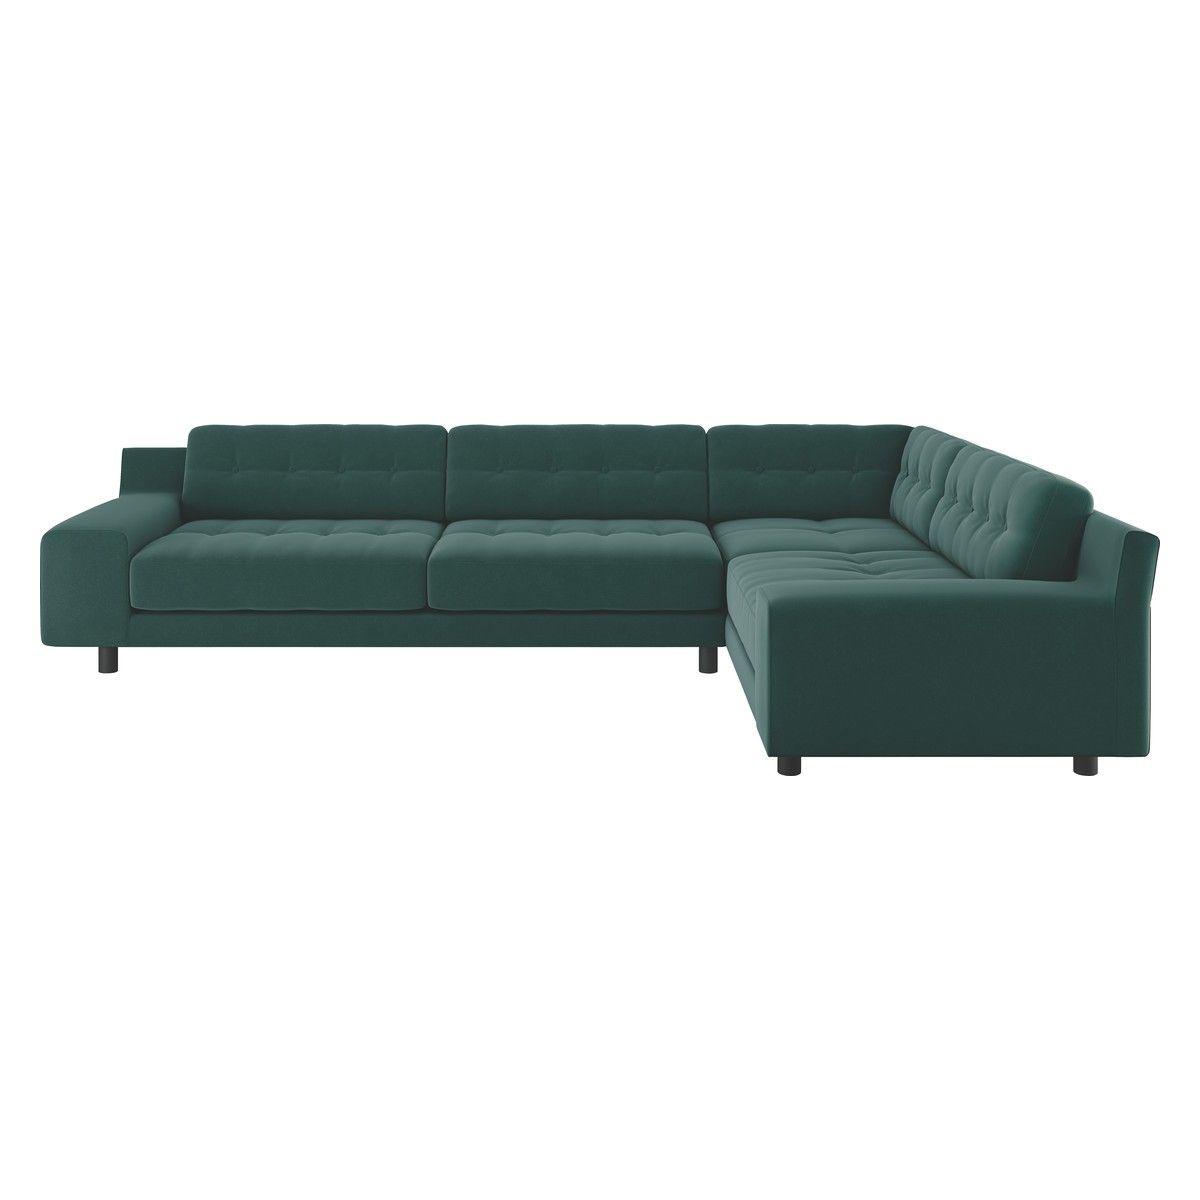 HENDRICKS Emerald green velvet left-arm corner sofa   Home   Corner ...